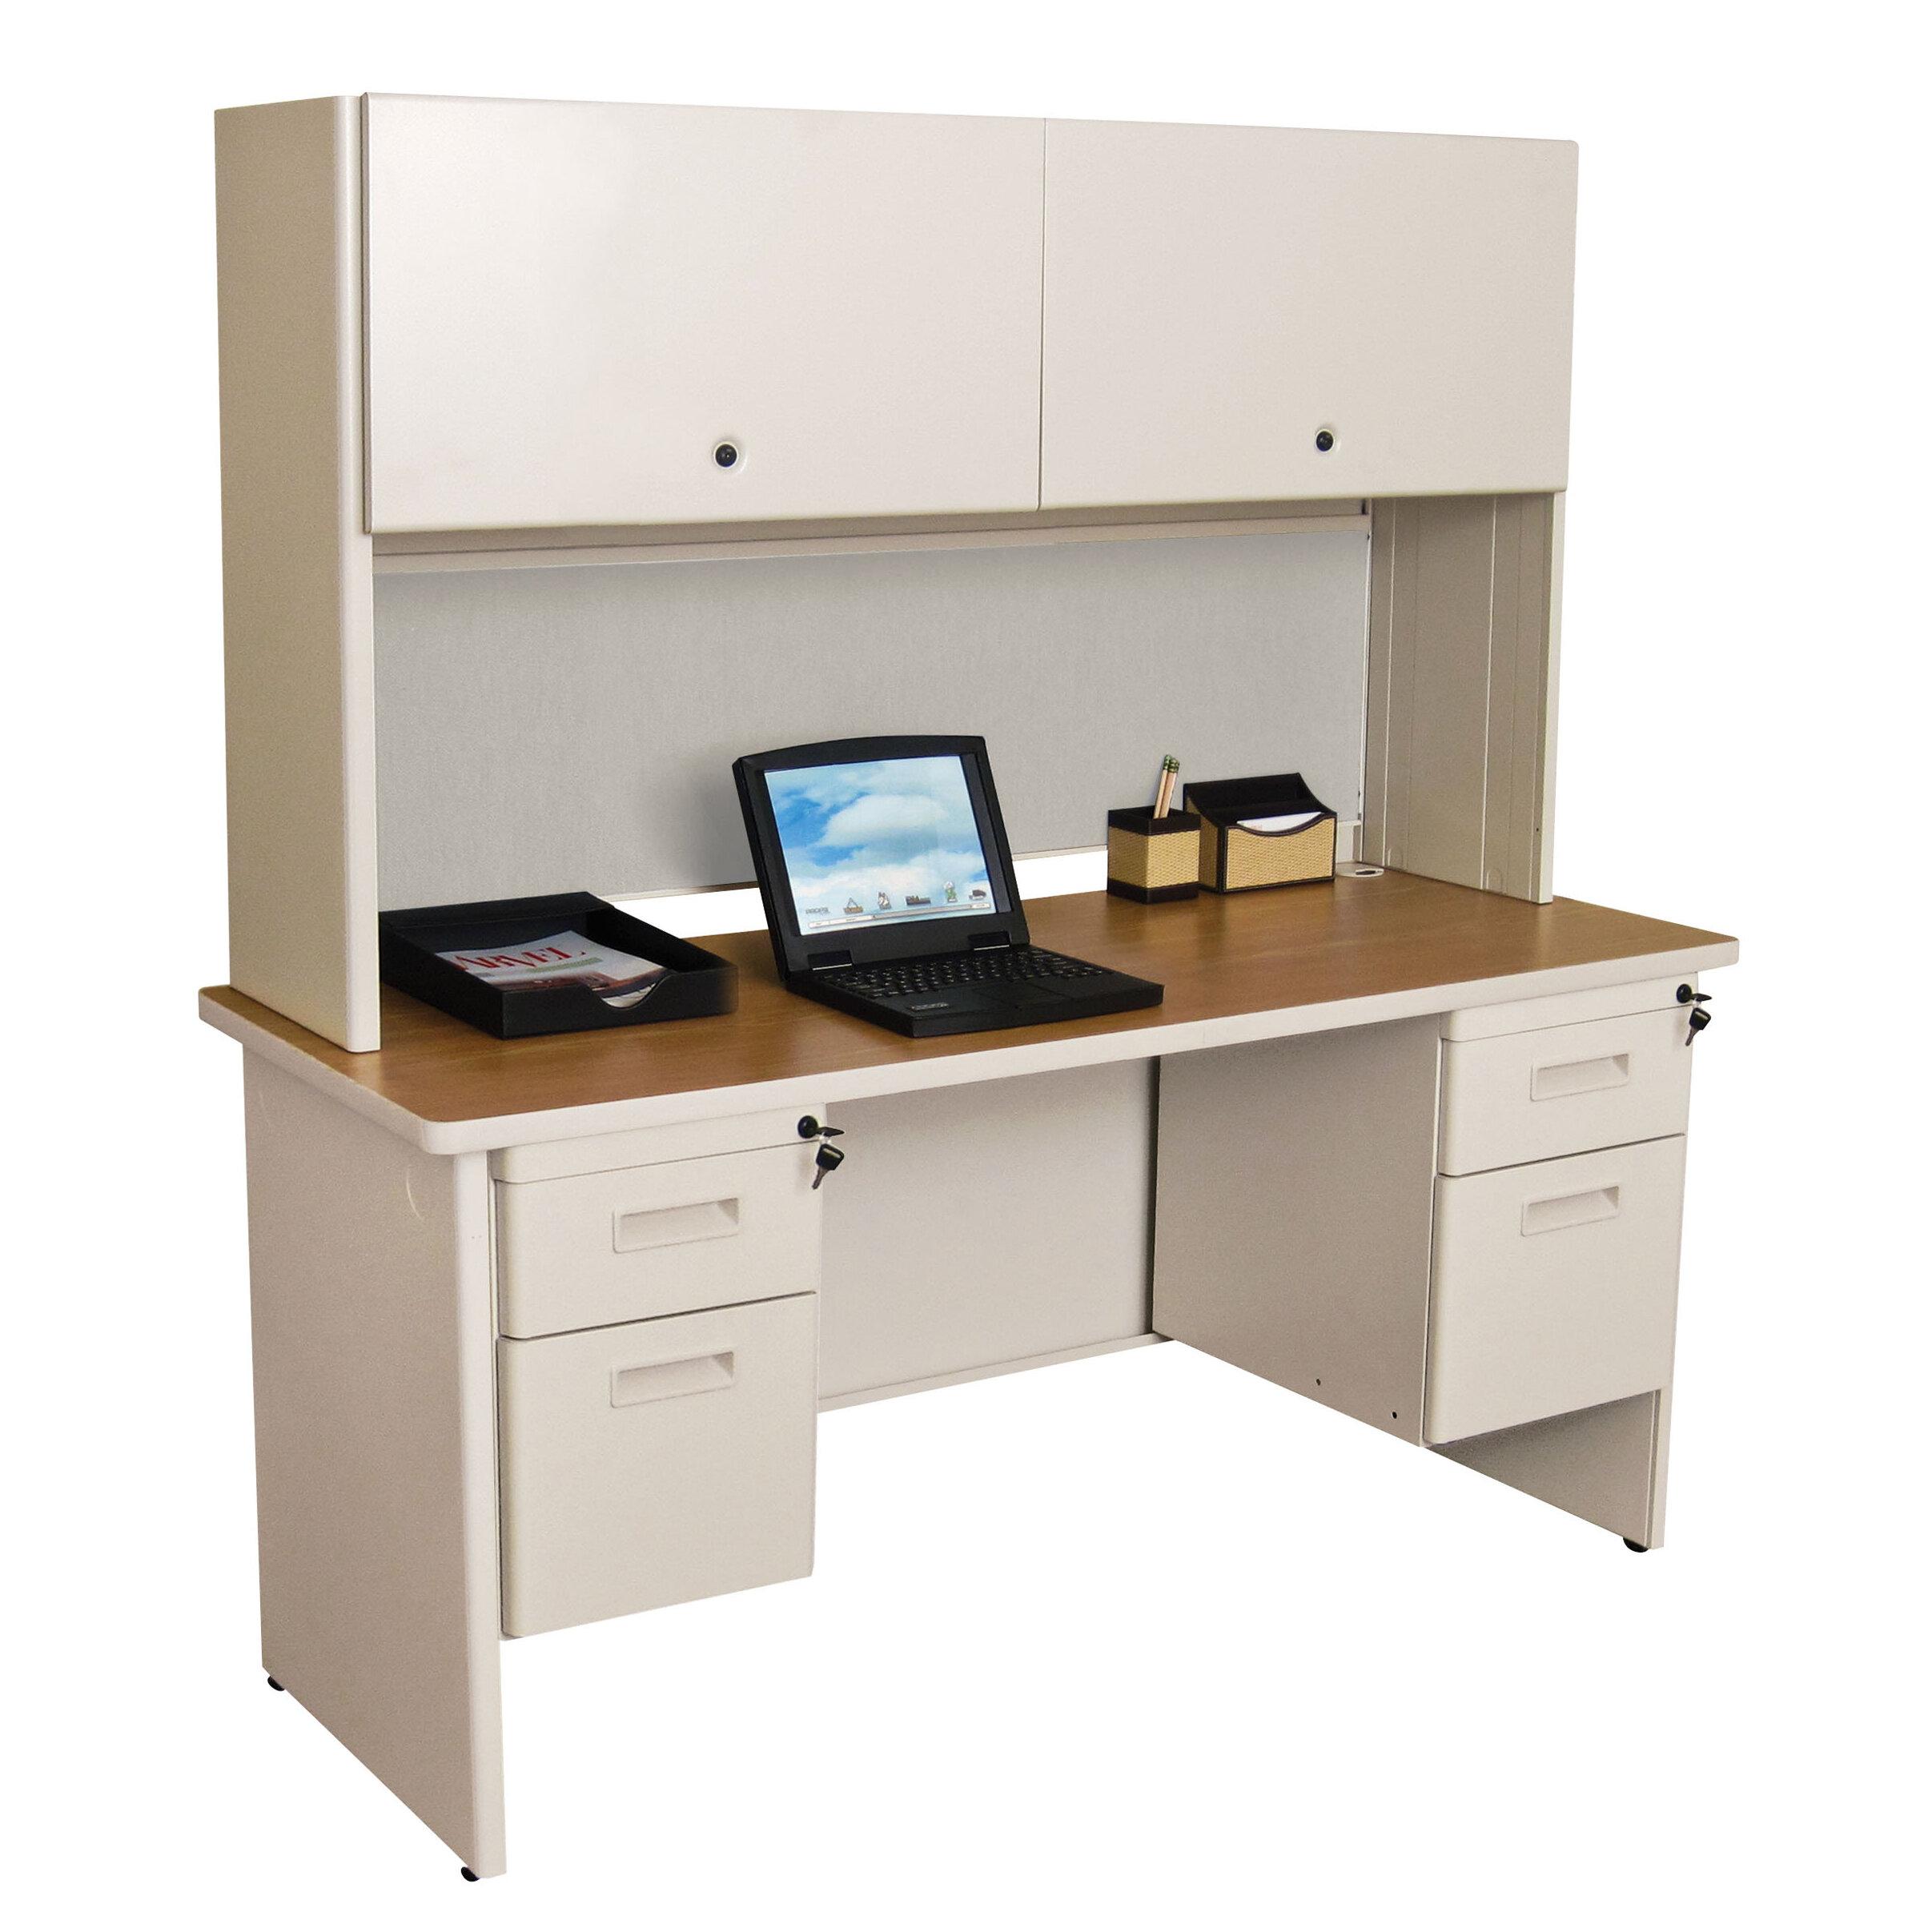 Crivello Double File Computer Desk With Hutch